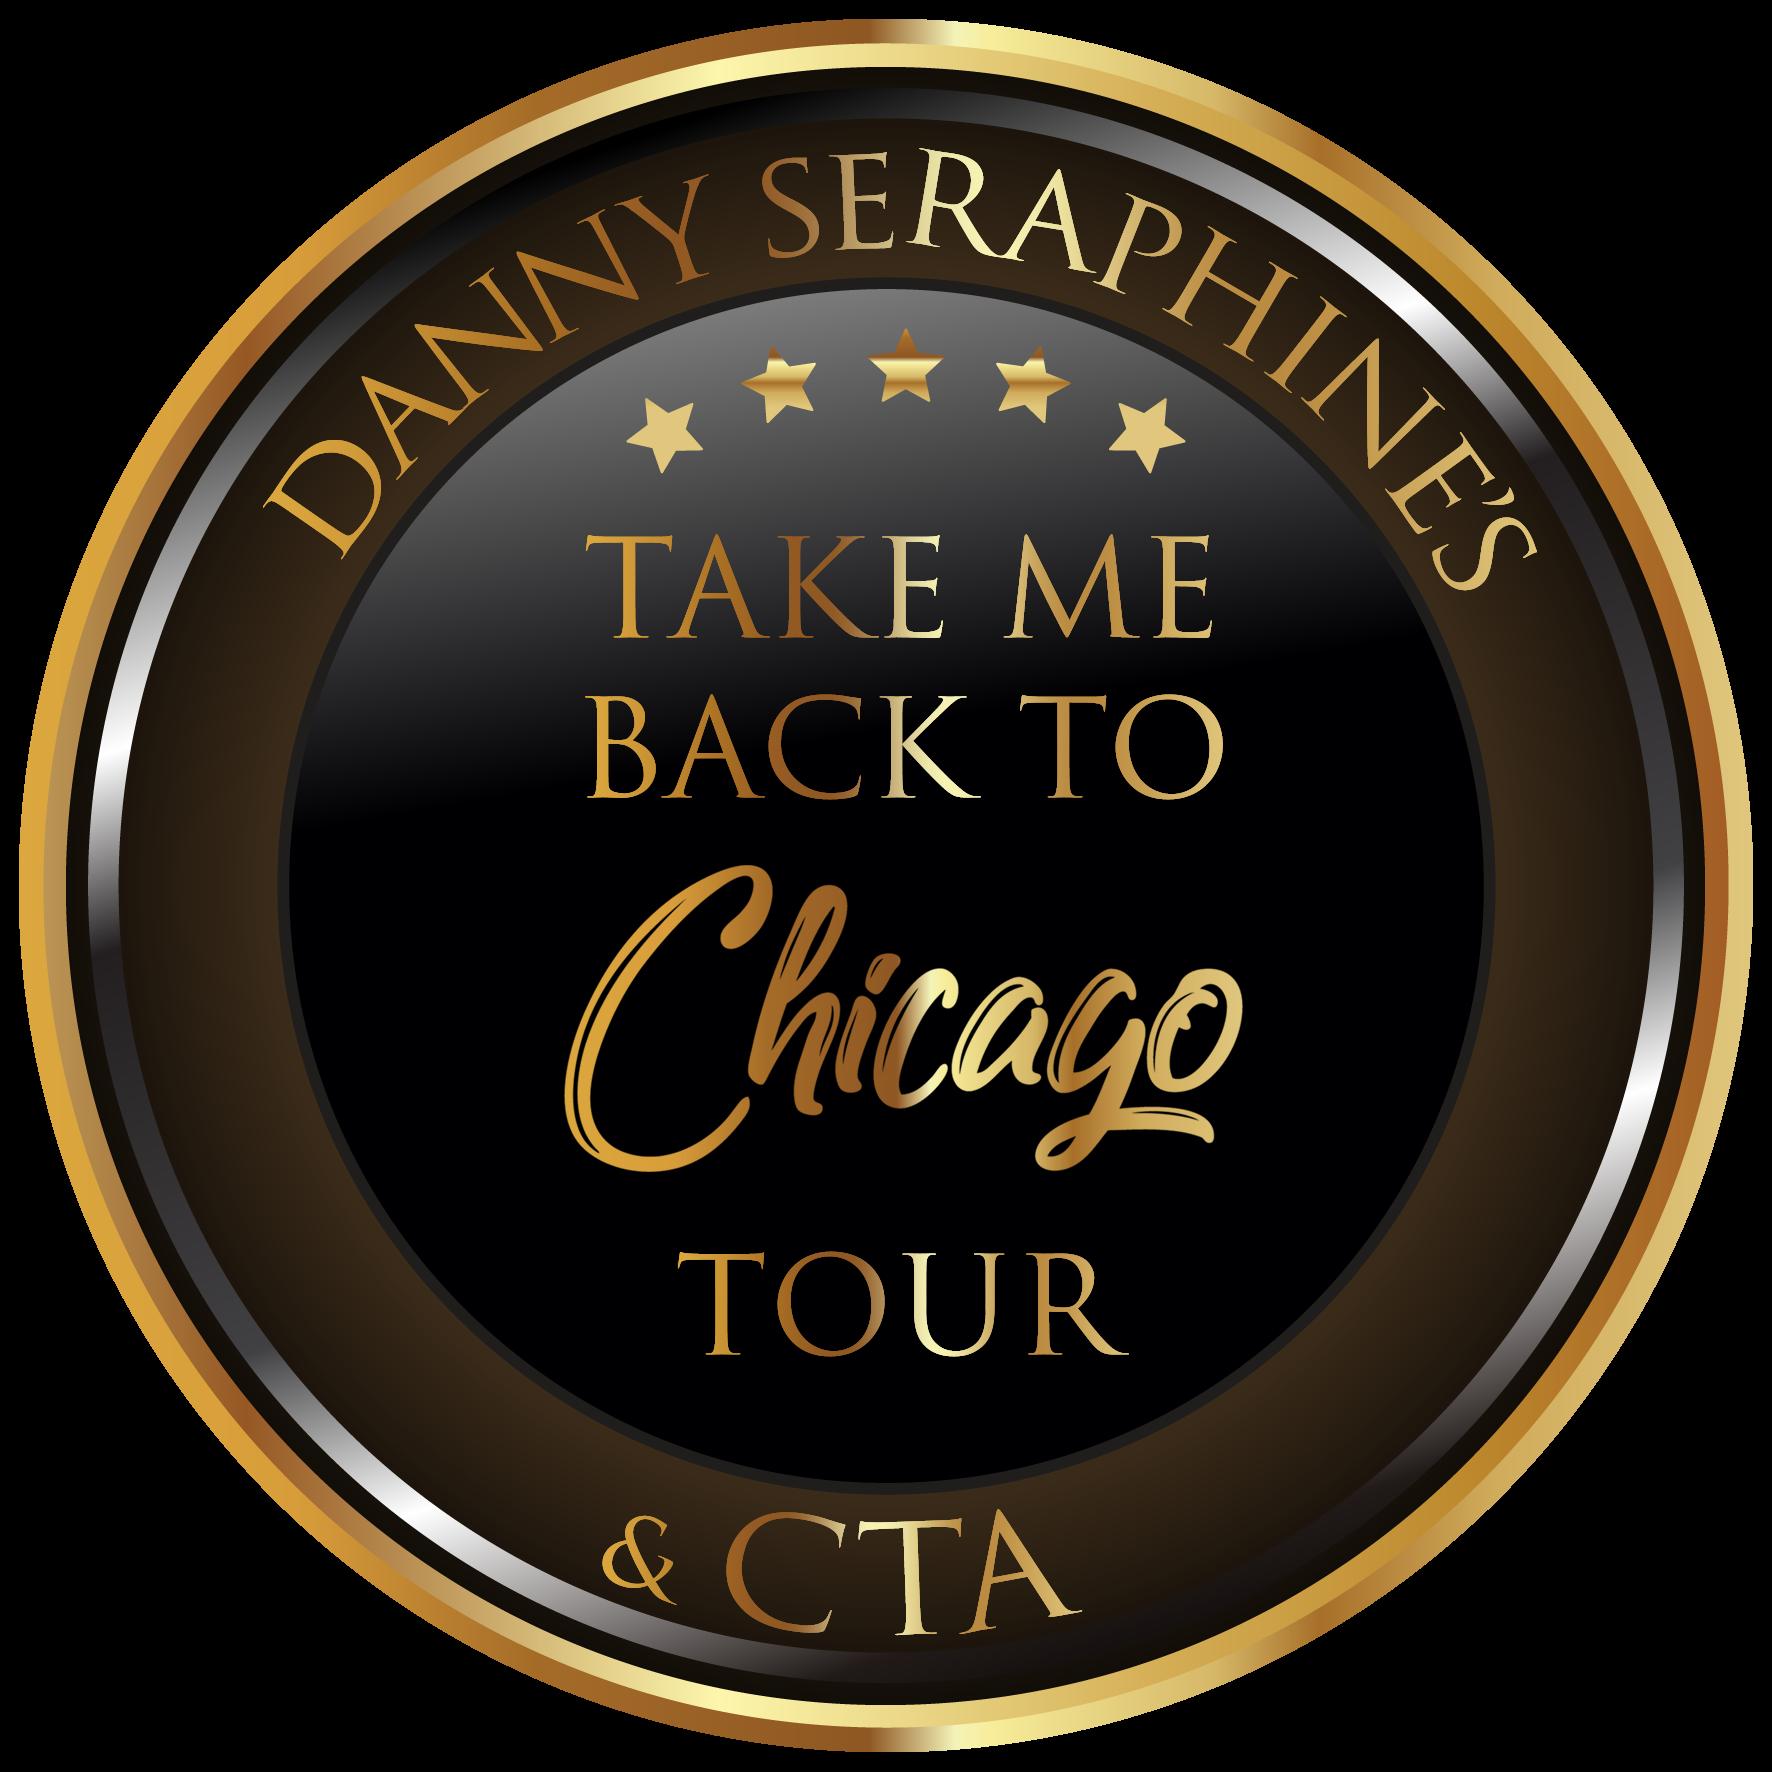 cta gold tour logo 2.PNG